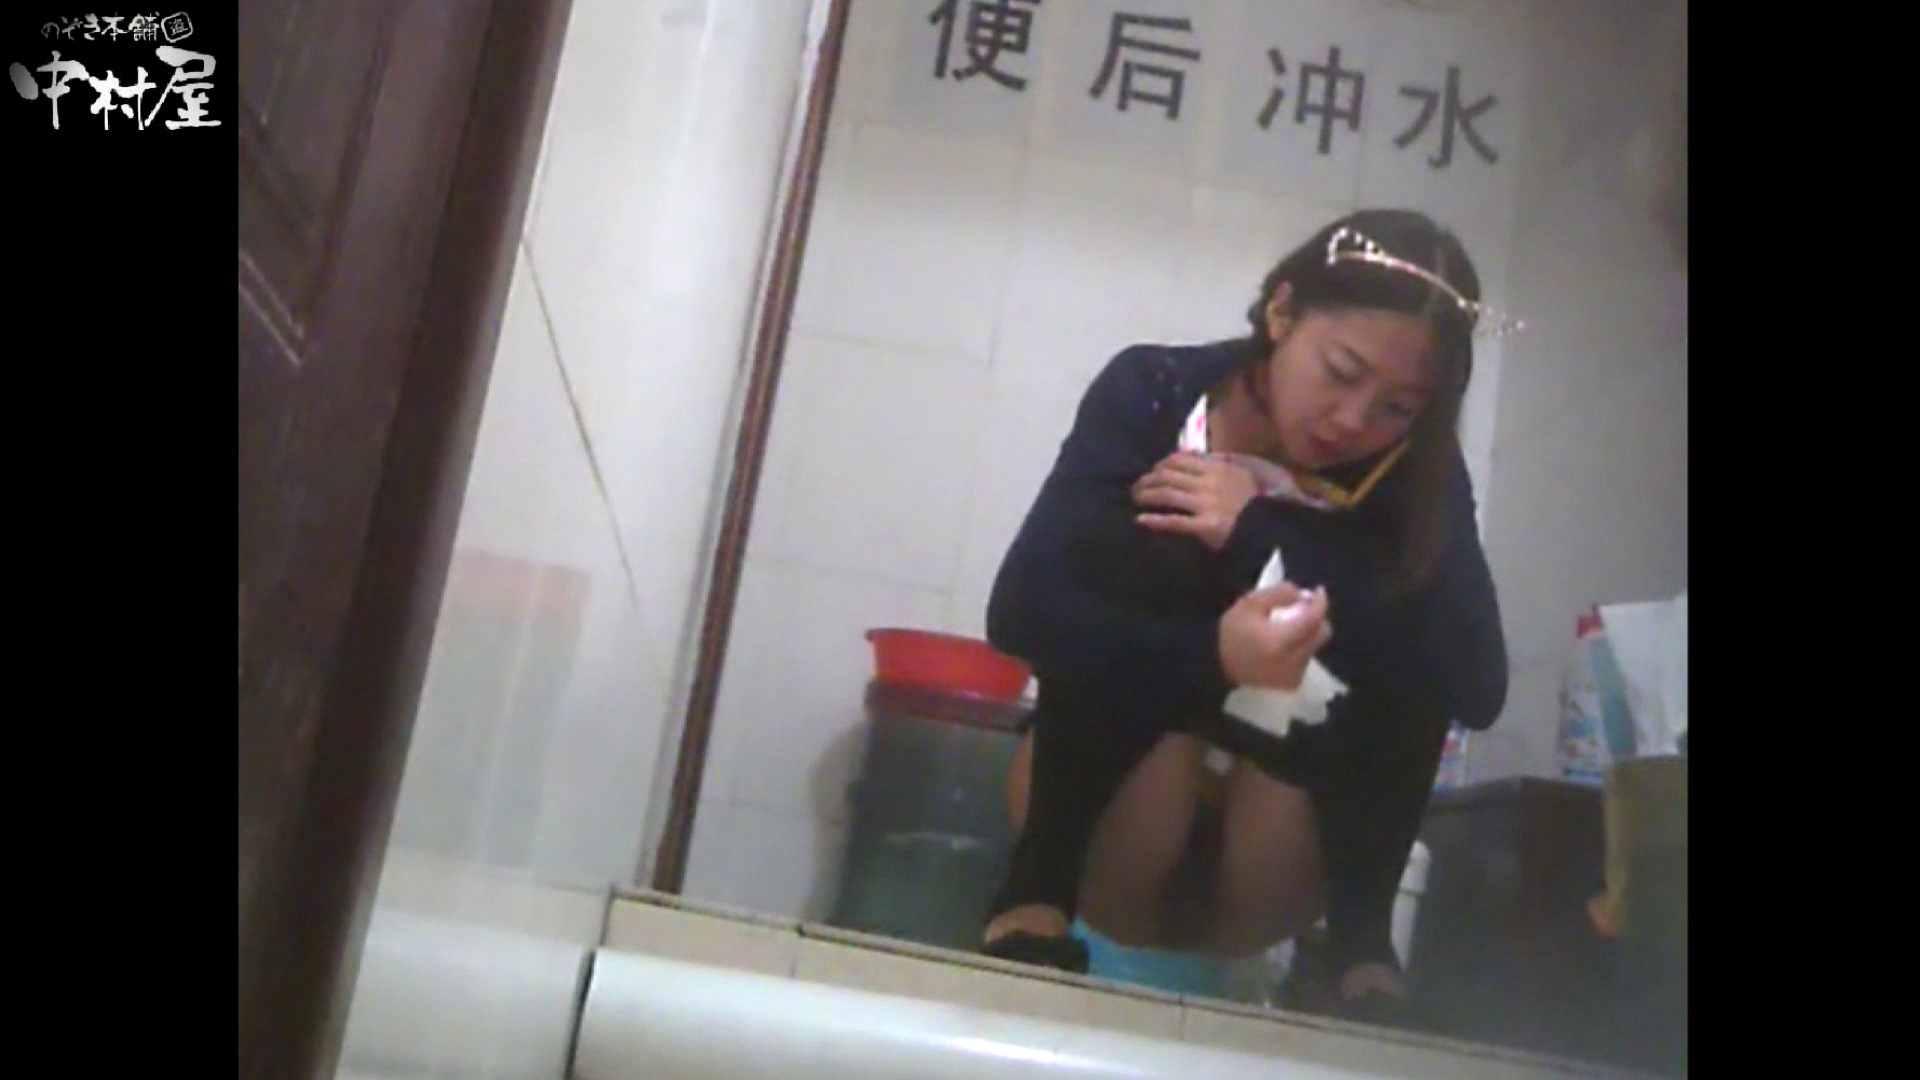 李さんの盗撮日記 Vol.10 萌えギャル おめこ無修正動画無料 50連発 13